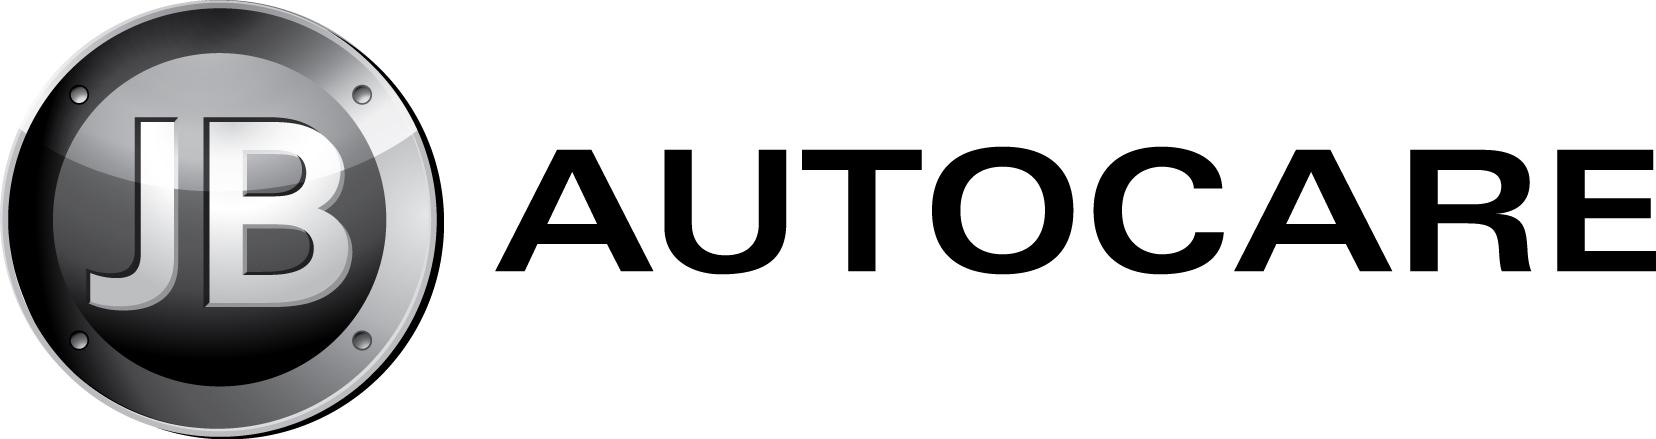 JB Autocare